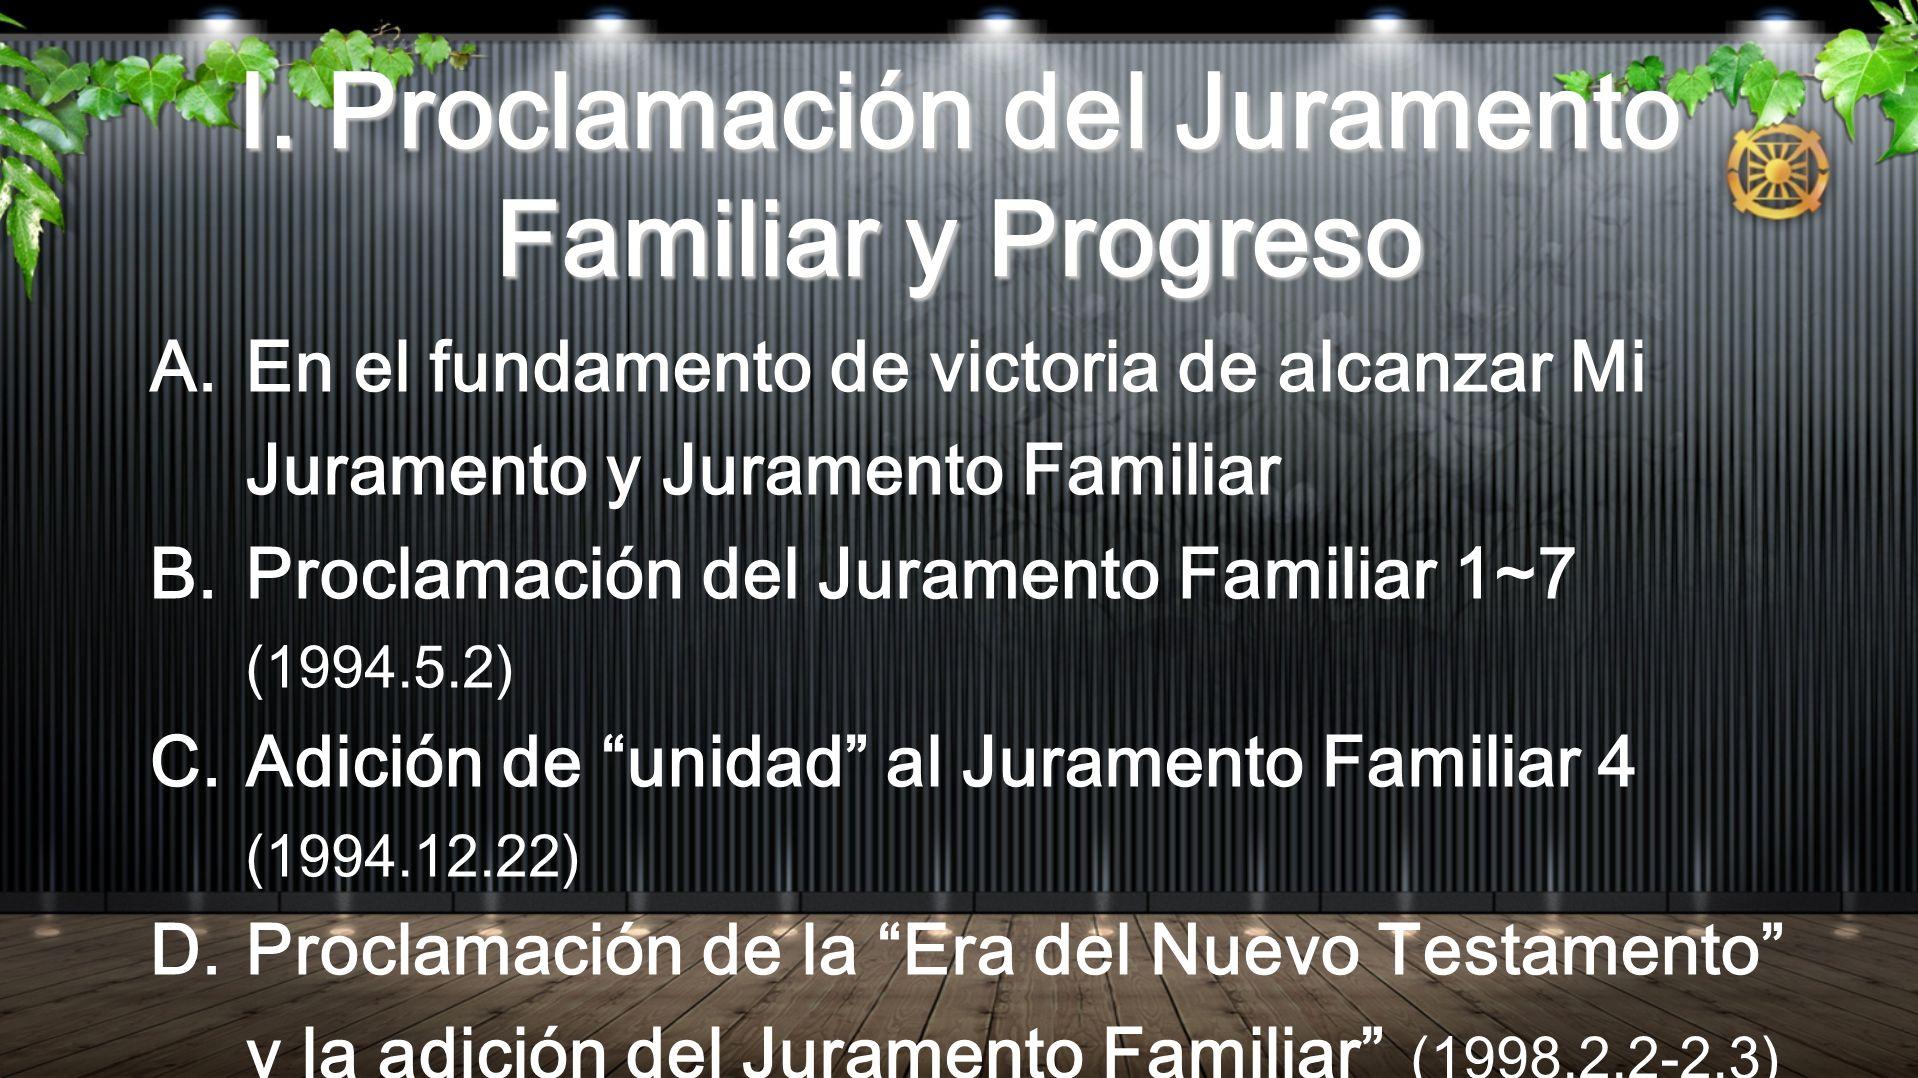 E.Adición del viviendo por el bien de los demás al JF 7 (1998..11.21) F.